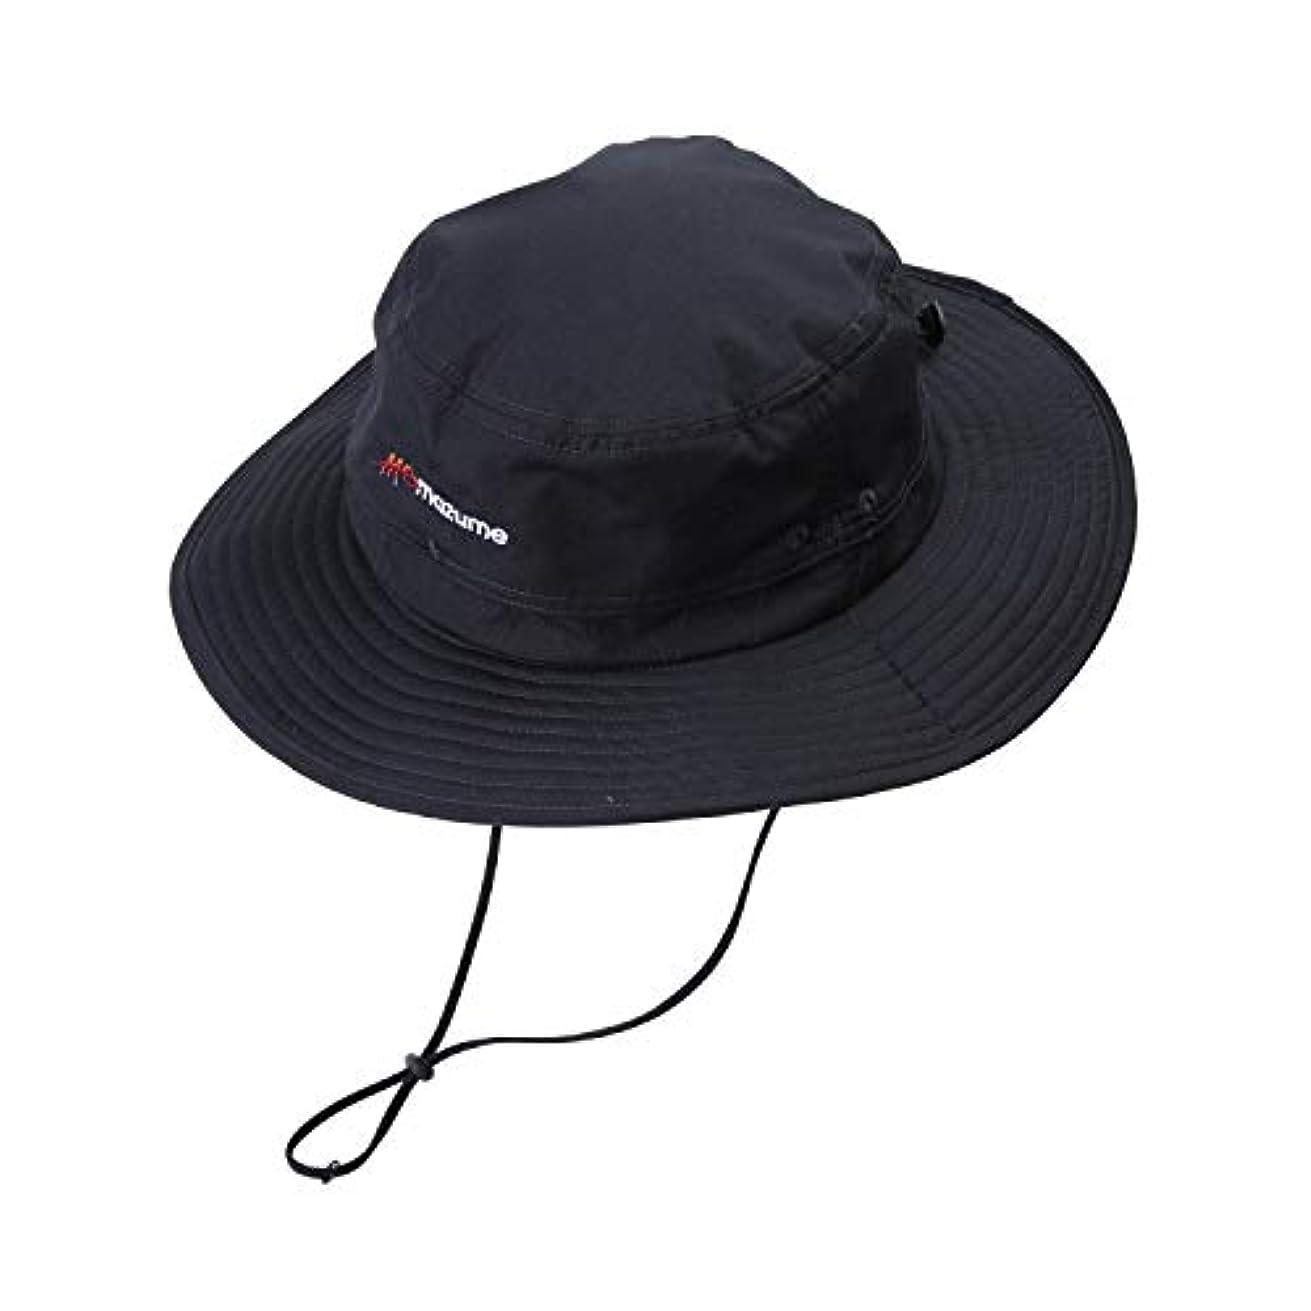 マズメ(MAZUME) SUNSHADE HAT MZCP-422